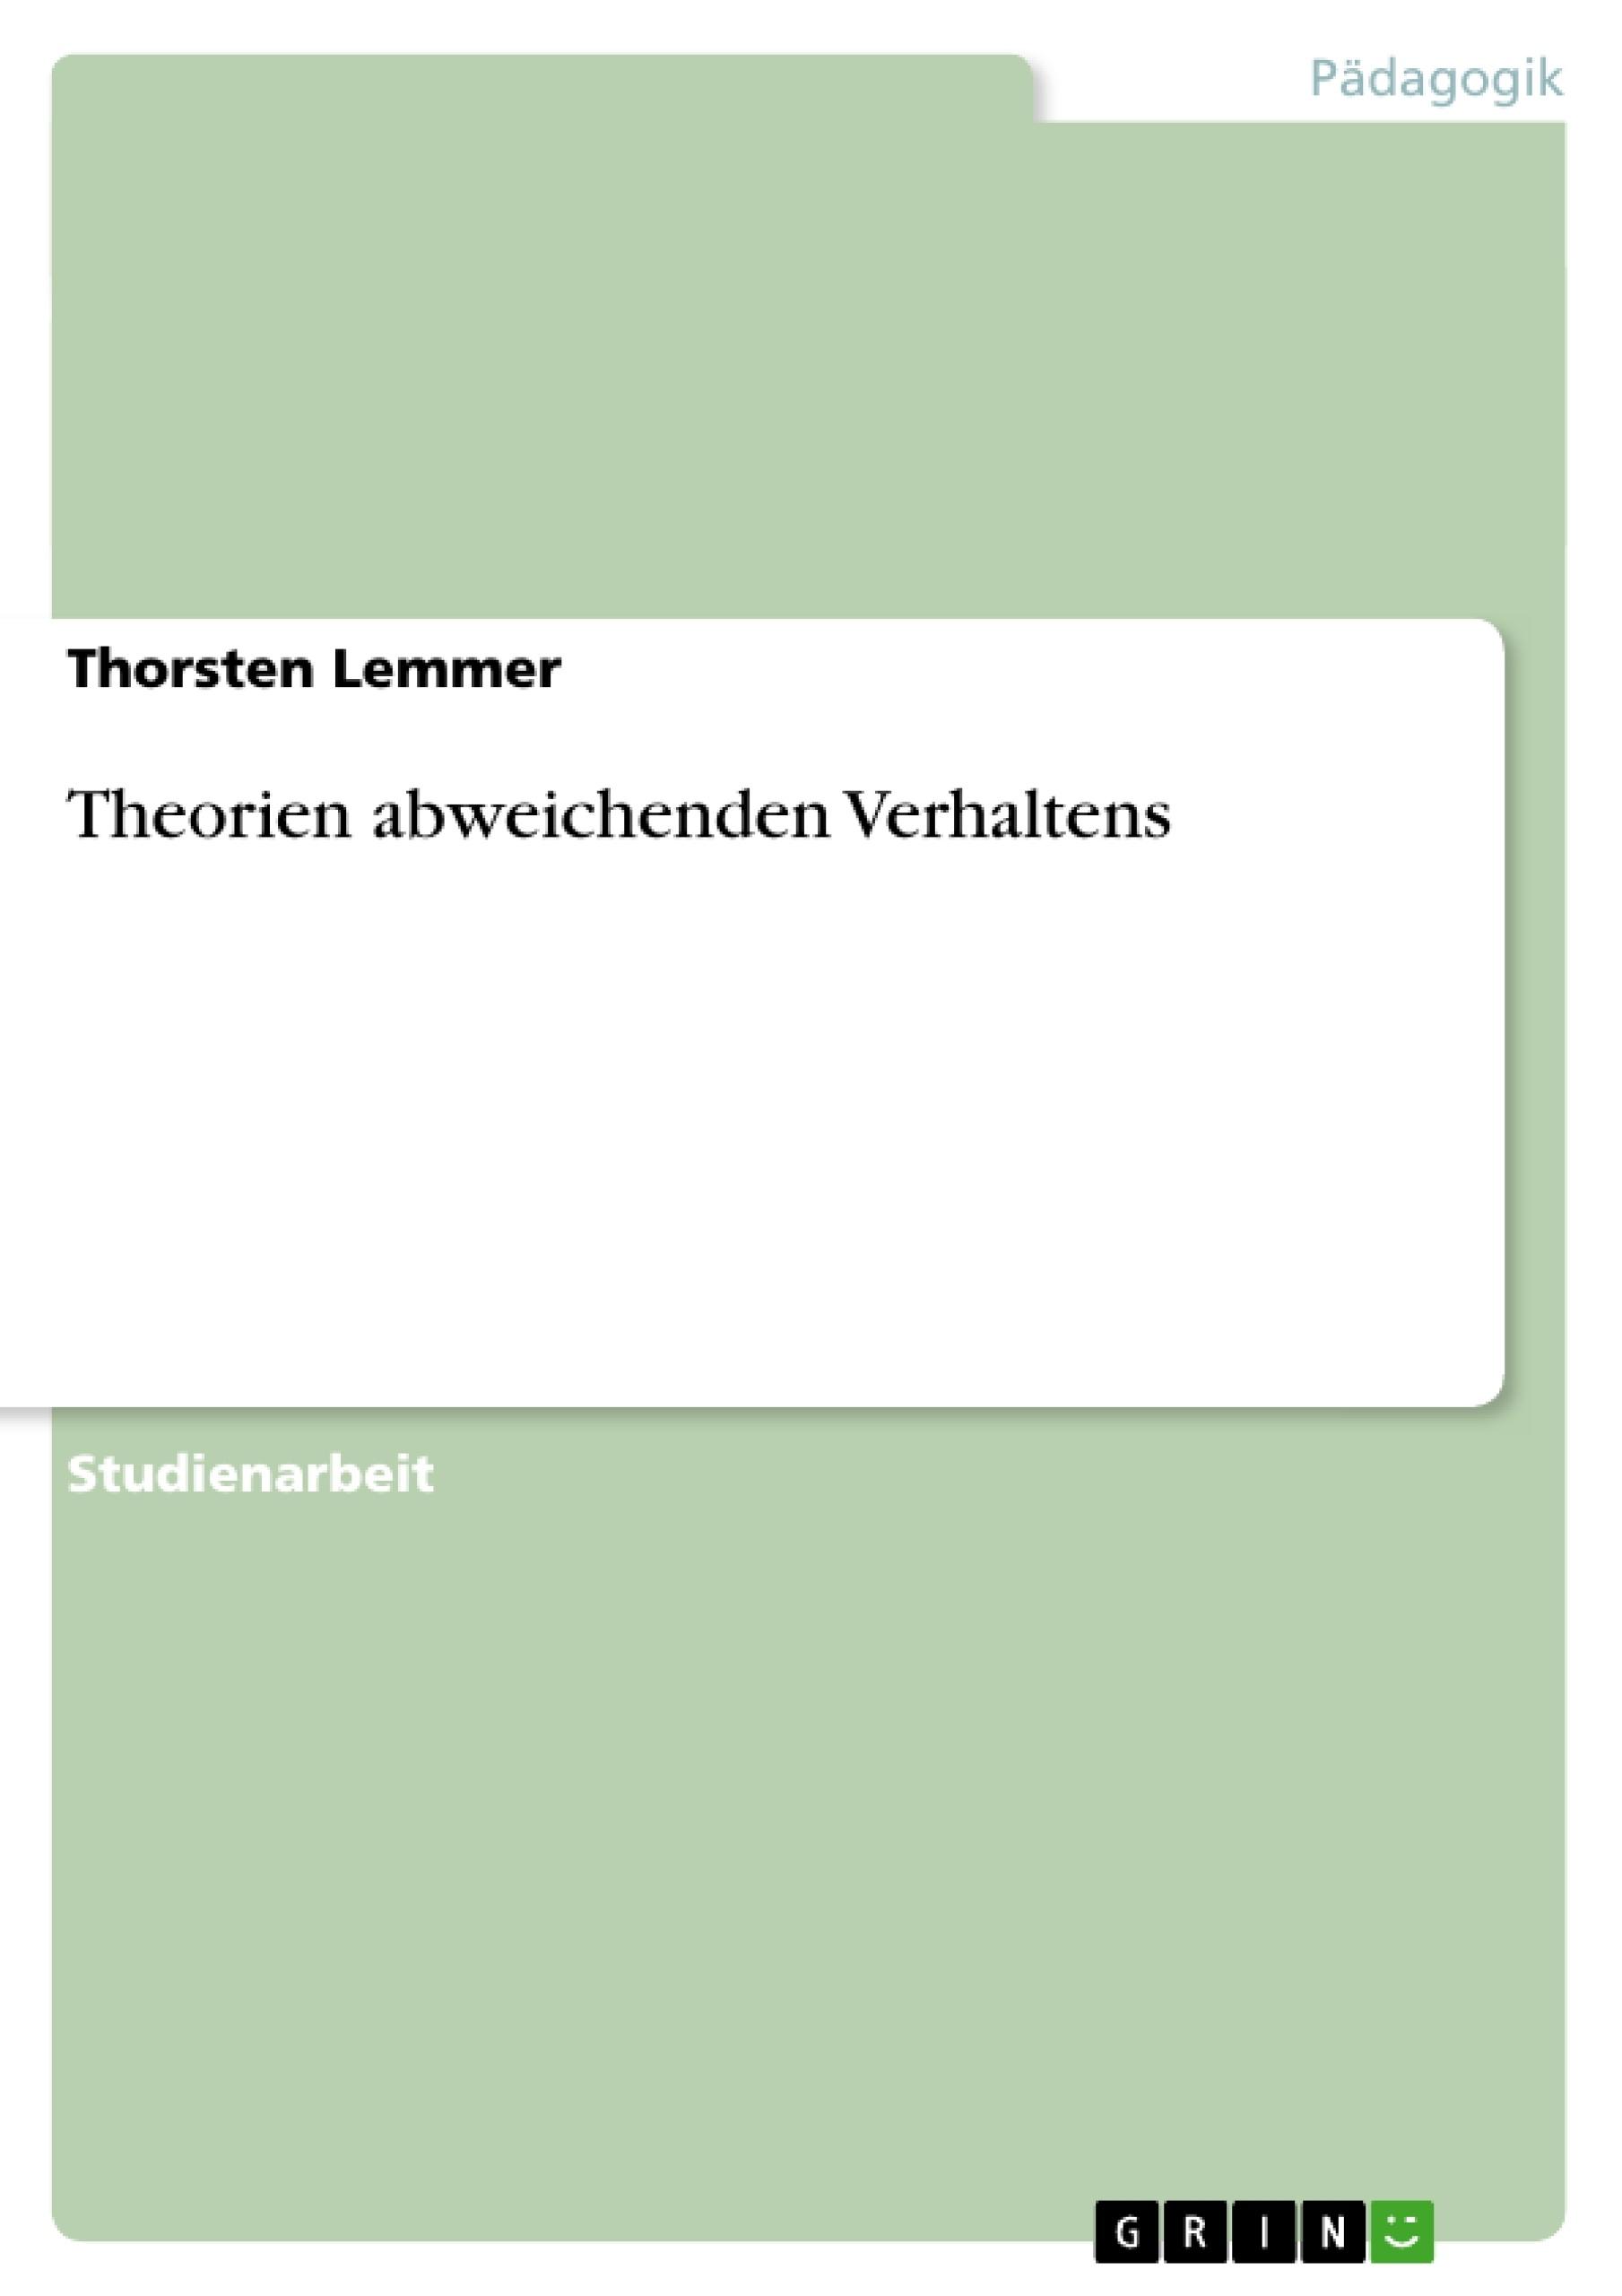 Titel: Theorien abweichenden Verhaltens